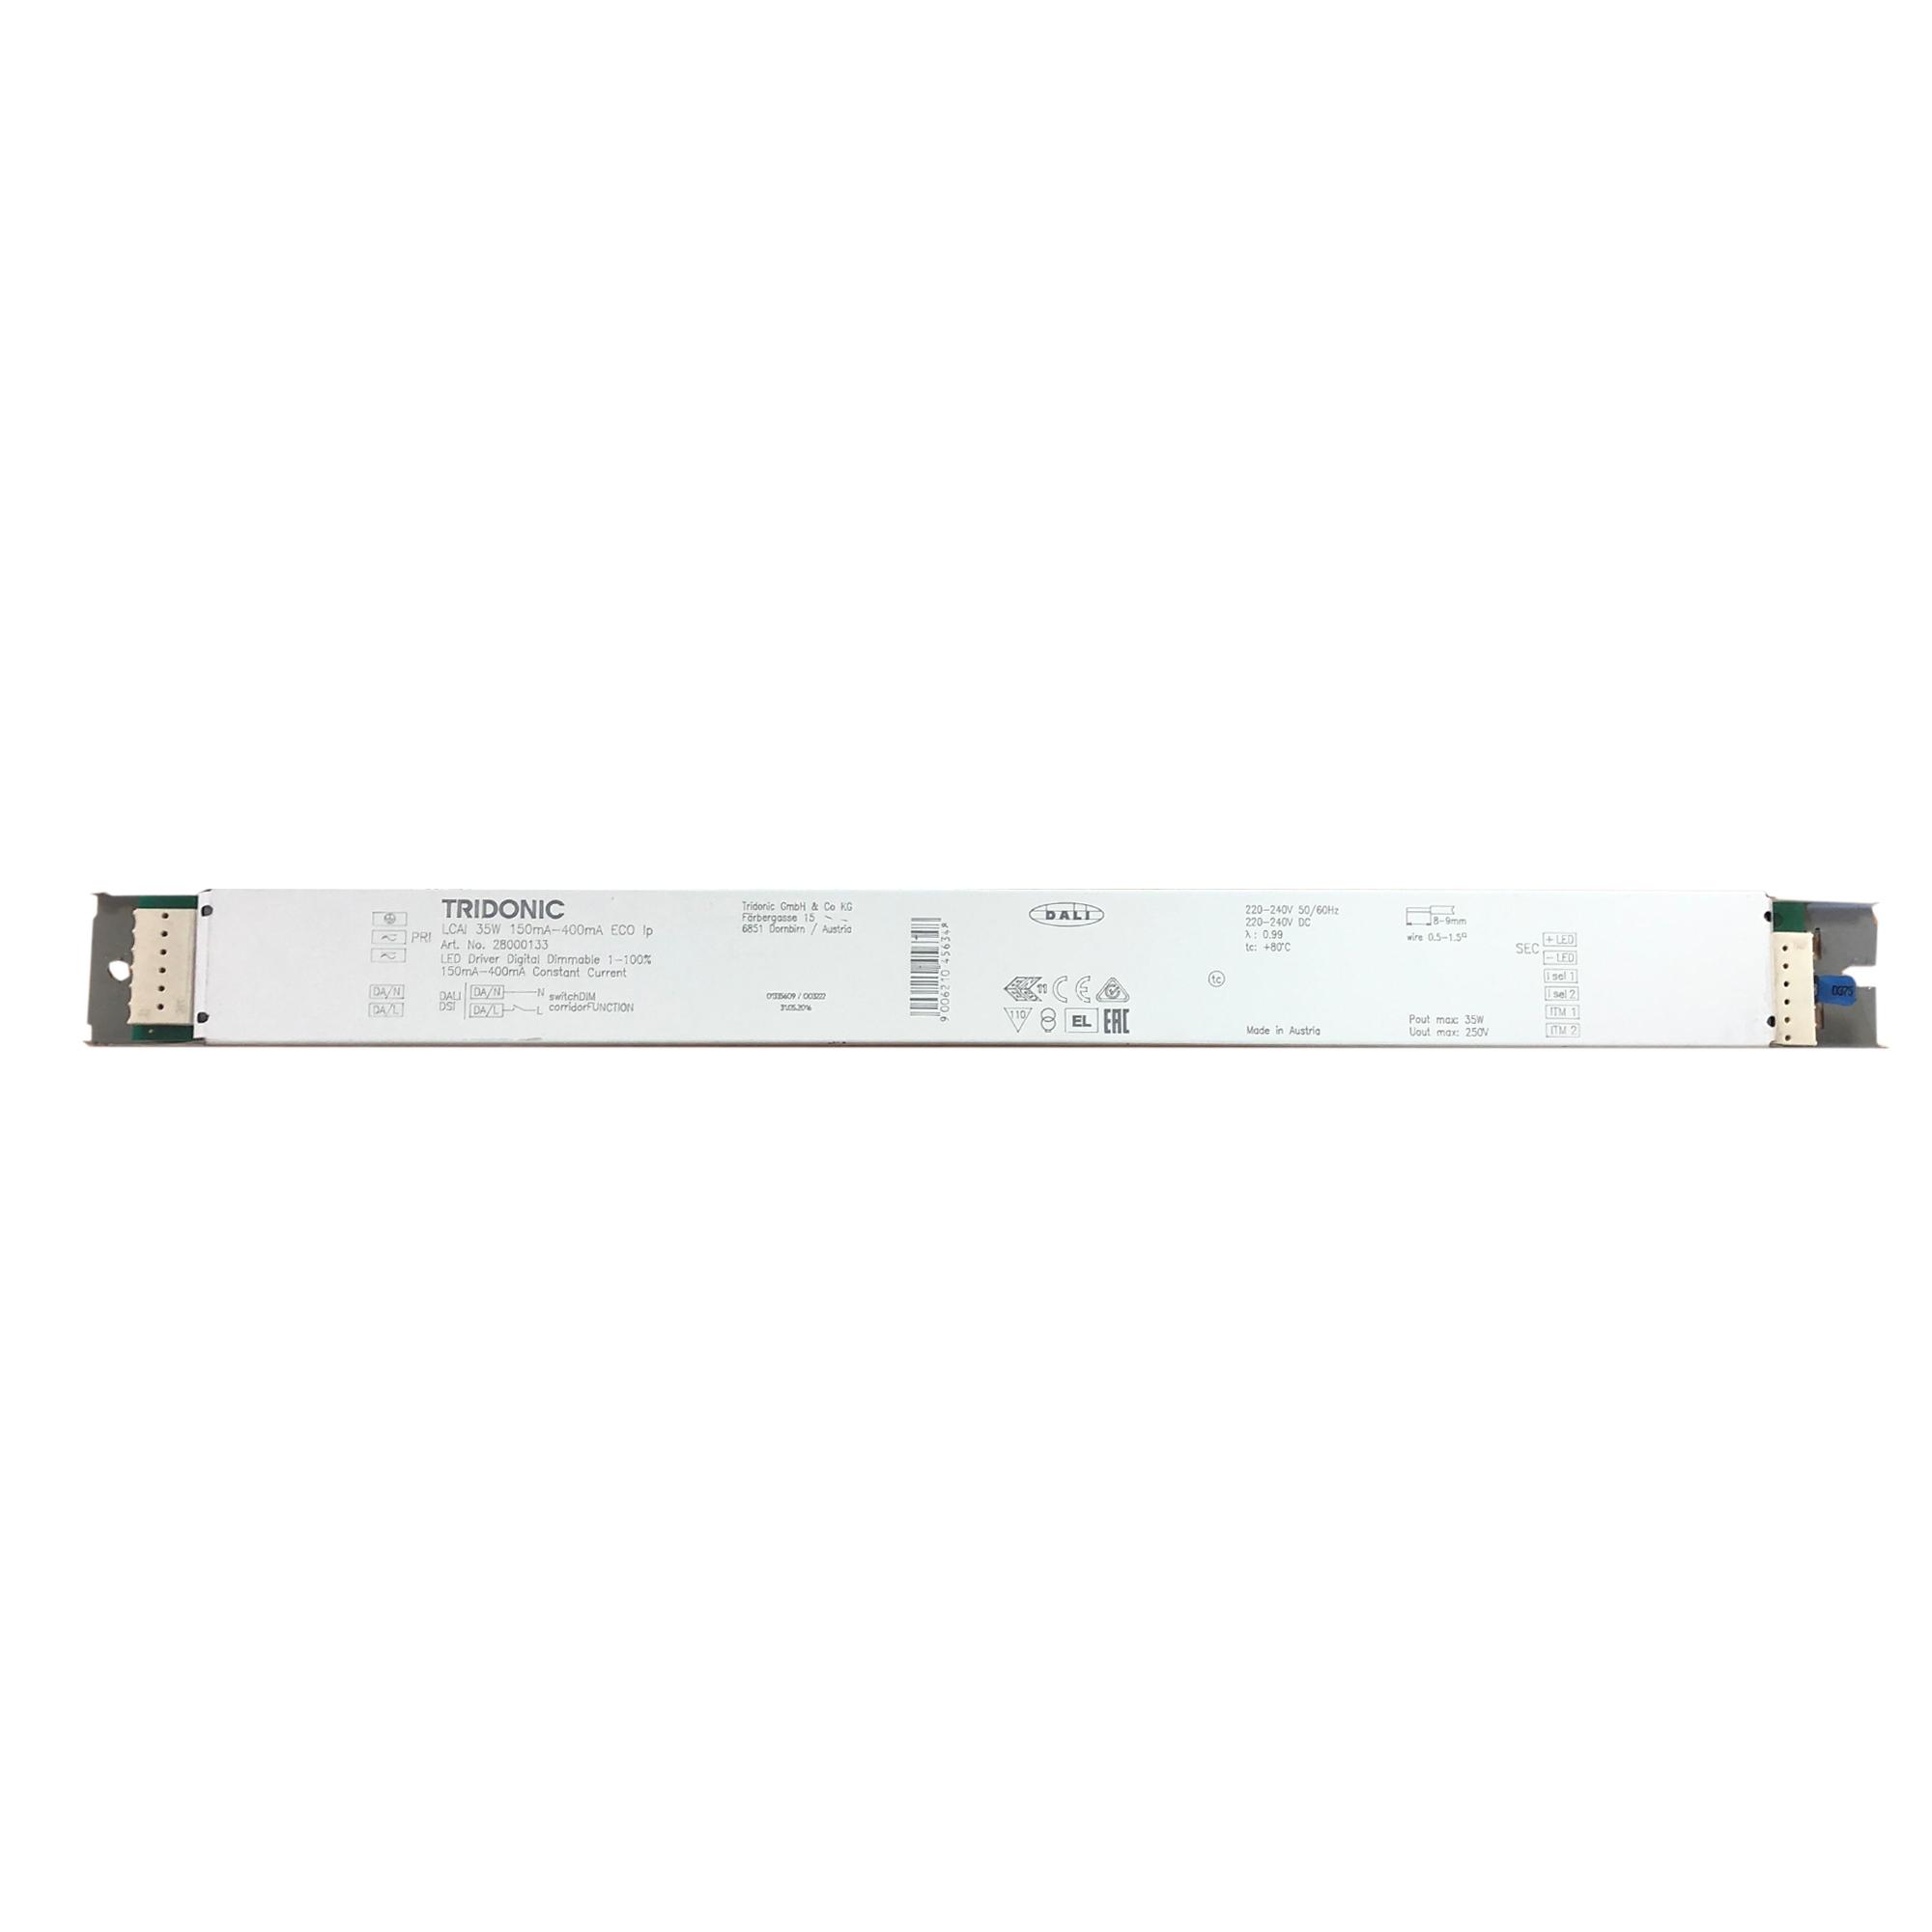 Tridonic LCAI 35W 150mA-400mA ECO LED Trafo